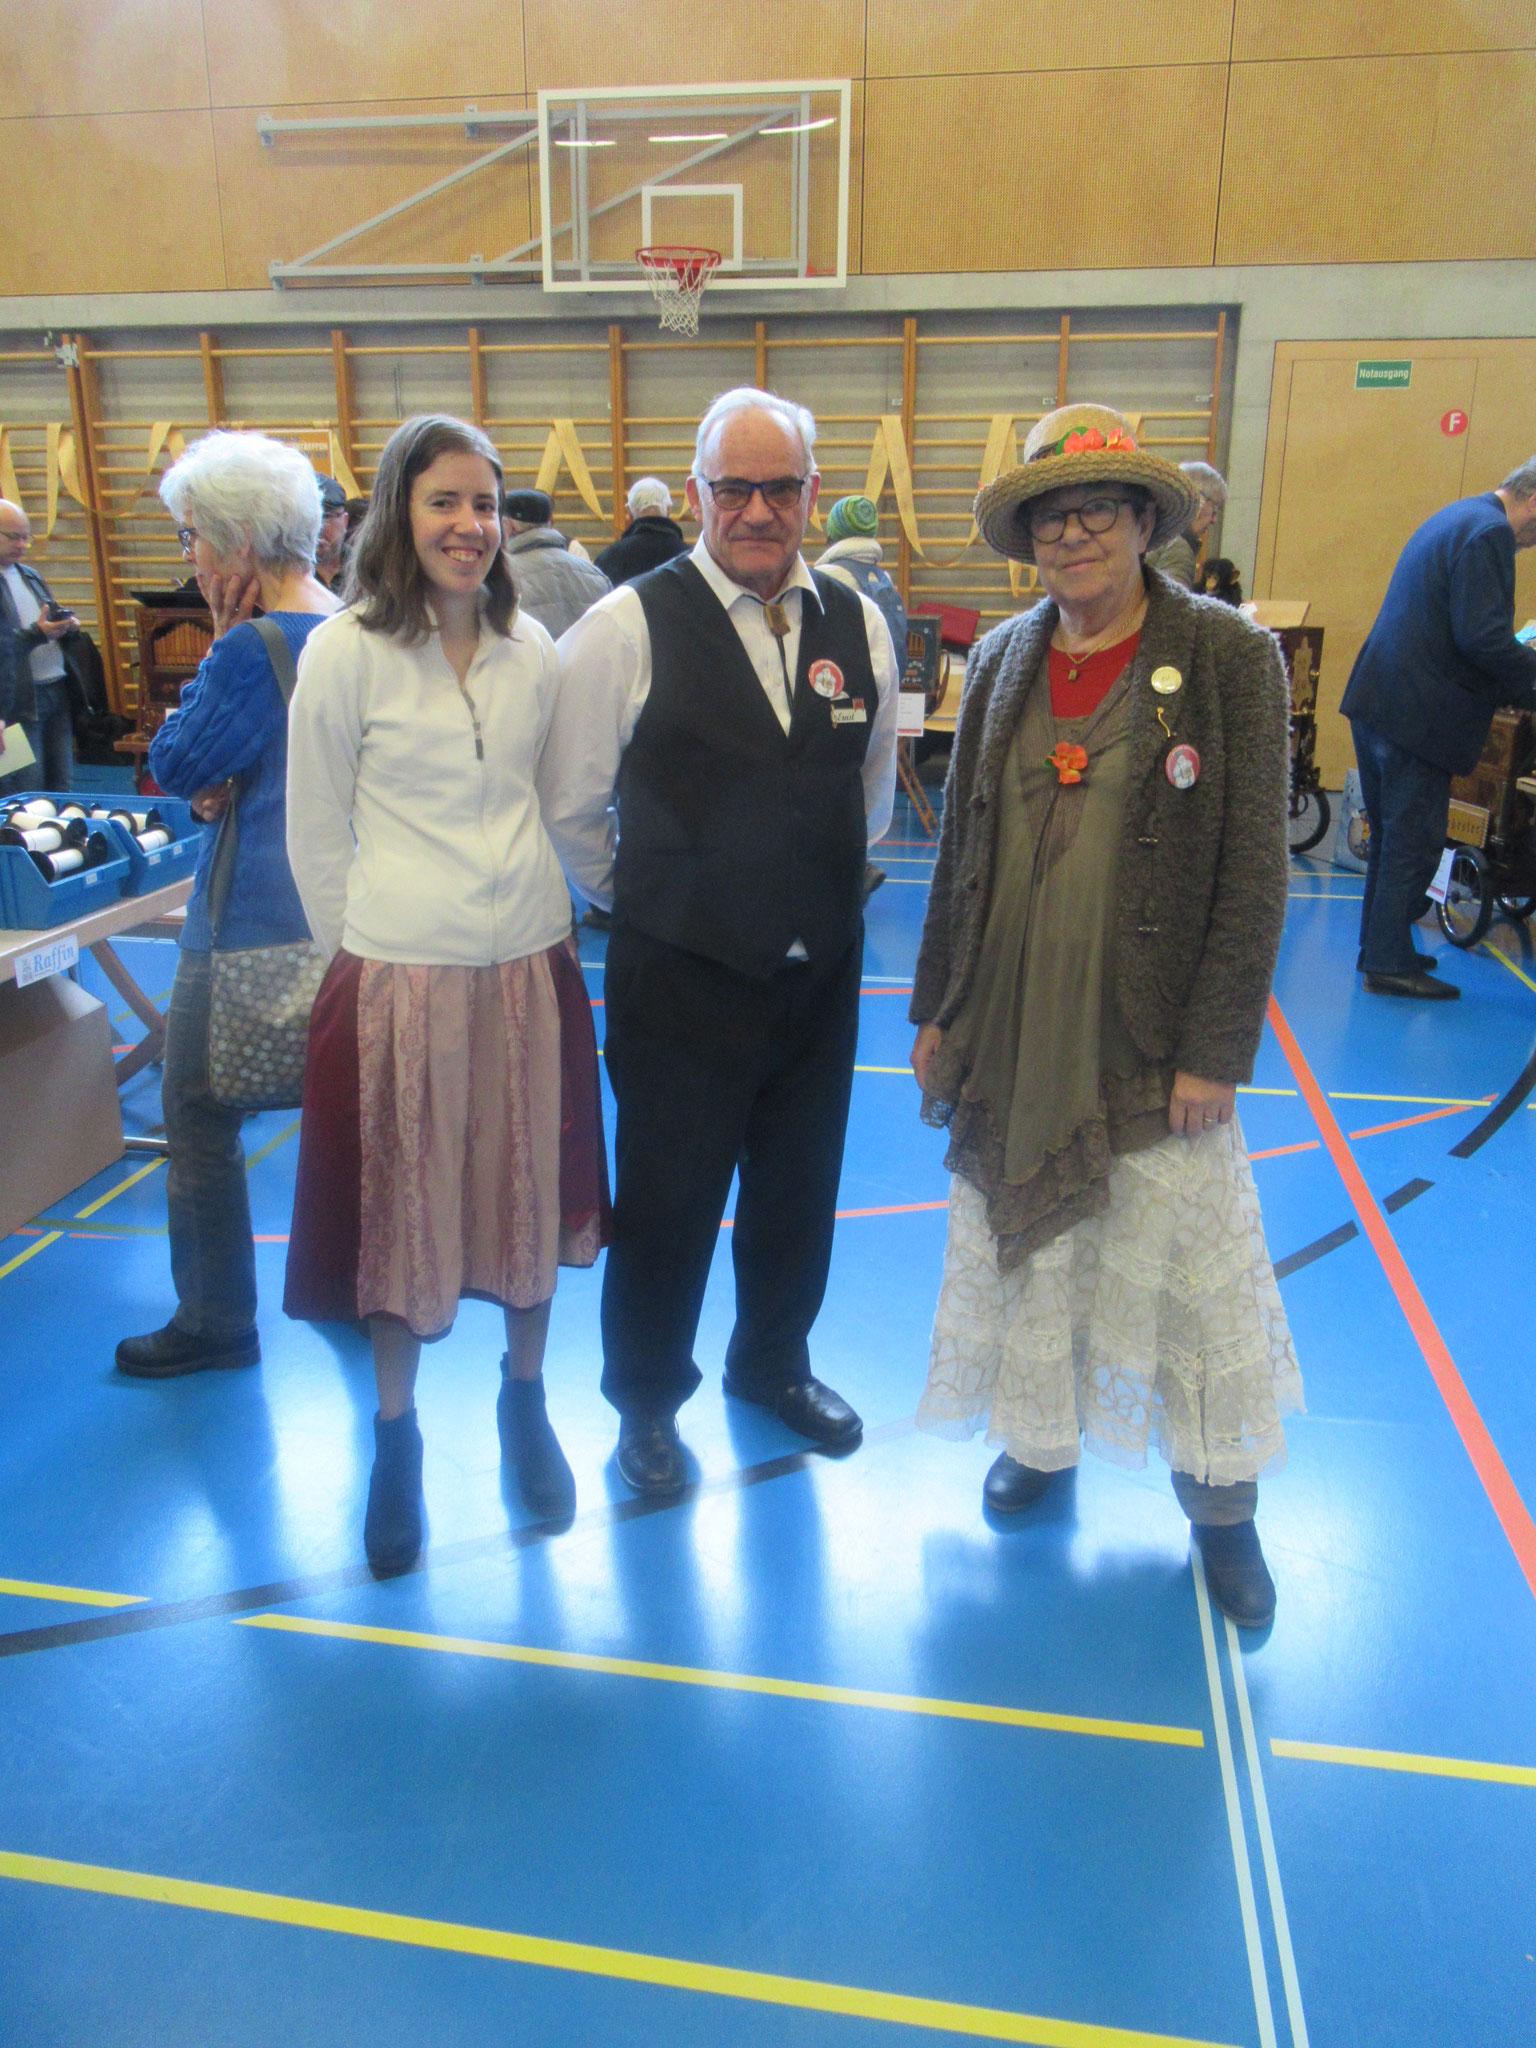 Miriam Schumacher aus Lyssach, Ernst Suter aus Kölliken und Evi Widmer aus Obergerlafingen